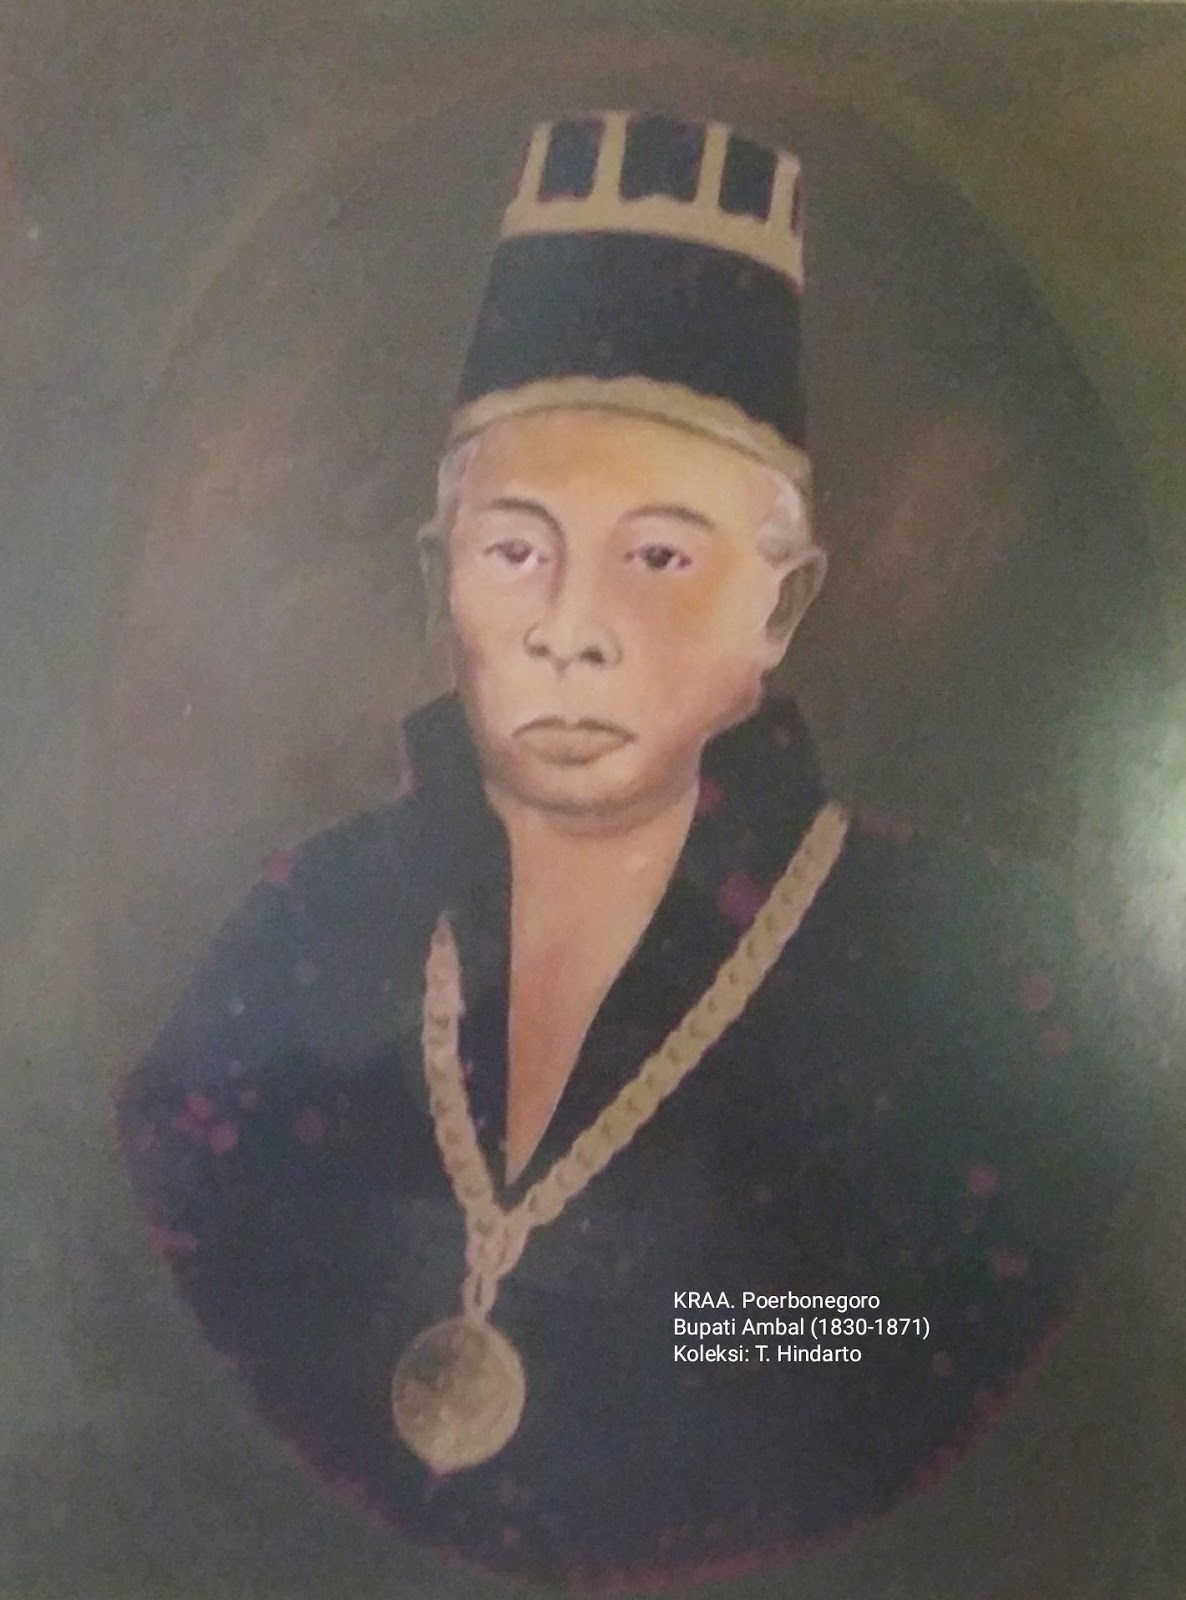 KRAA Poerbonegoro dan Nasib Historis Penghapusan Kabupaten Ambal 1872